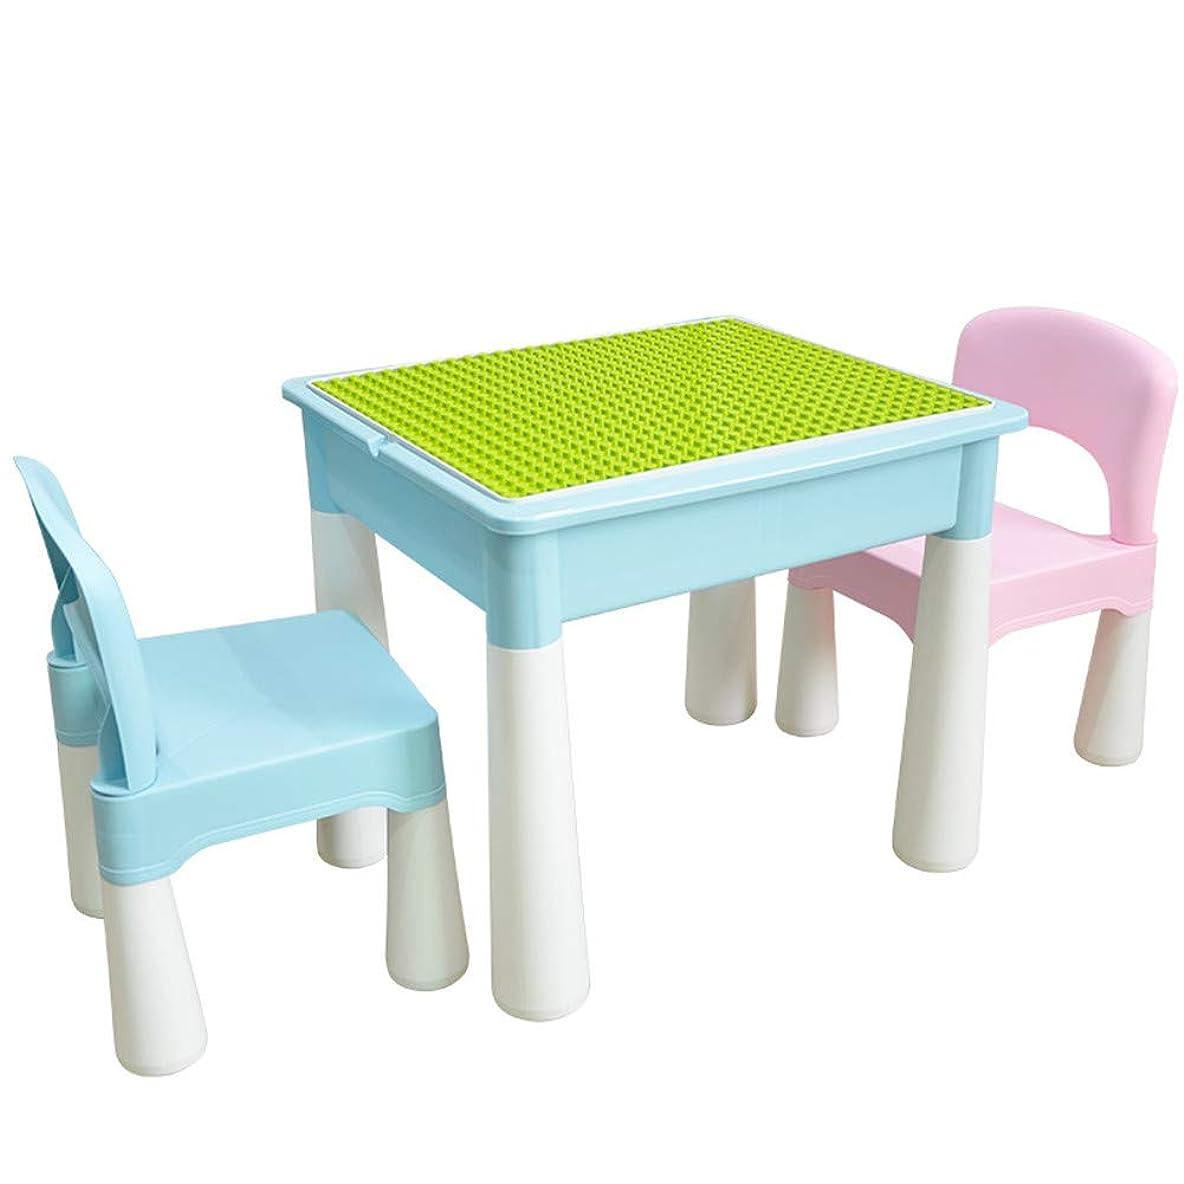 敬意を表して売り手何十人も子ども用テーブル 椅子セット キッズデスク チェアー ブロックプレイ 学習机セット おもちゃ収納可能 ギフト